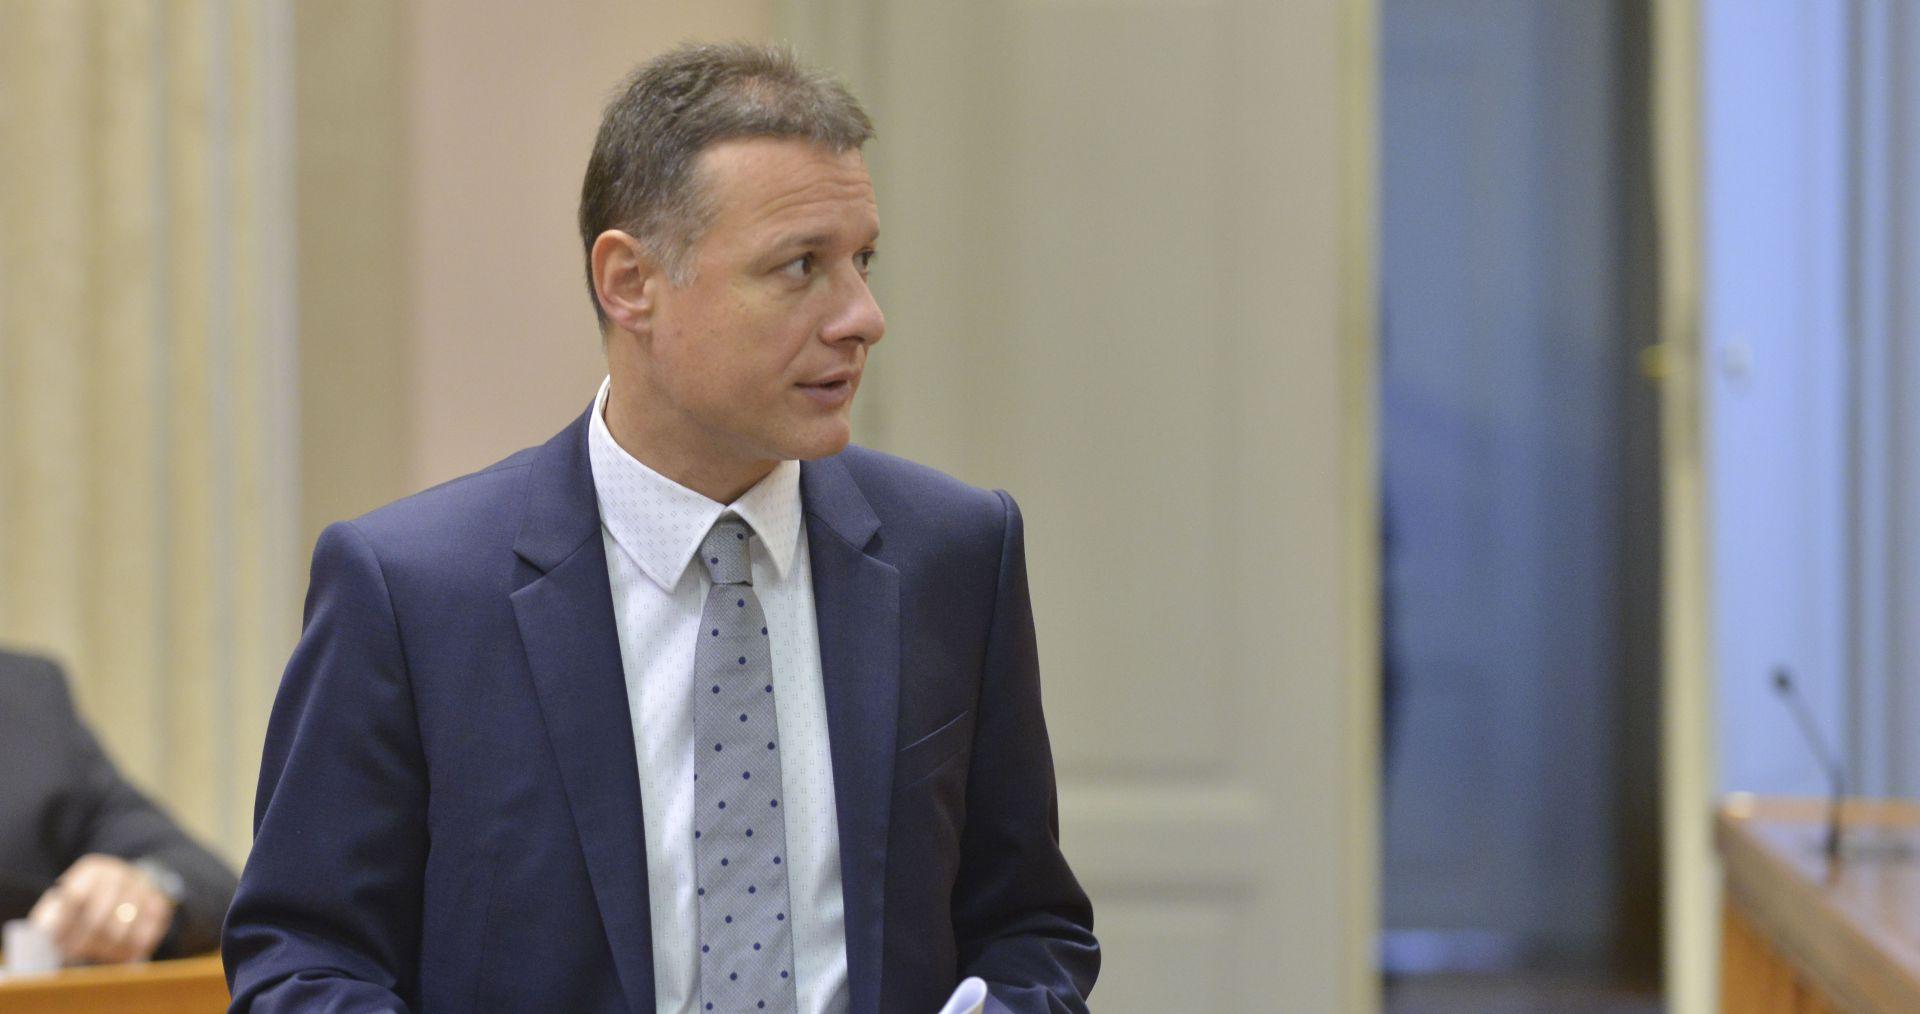 'Sve ide prema planu s imenovanjem novog povjerenika za Agrokor'